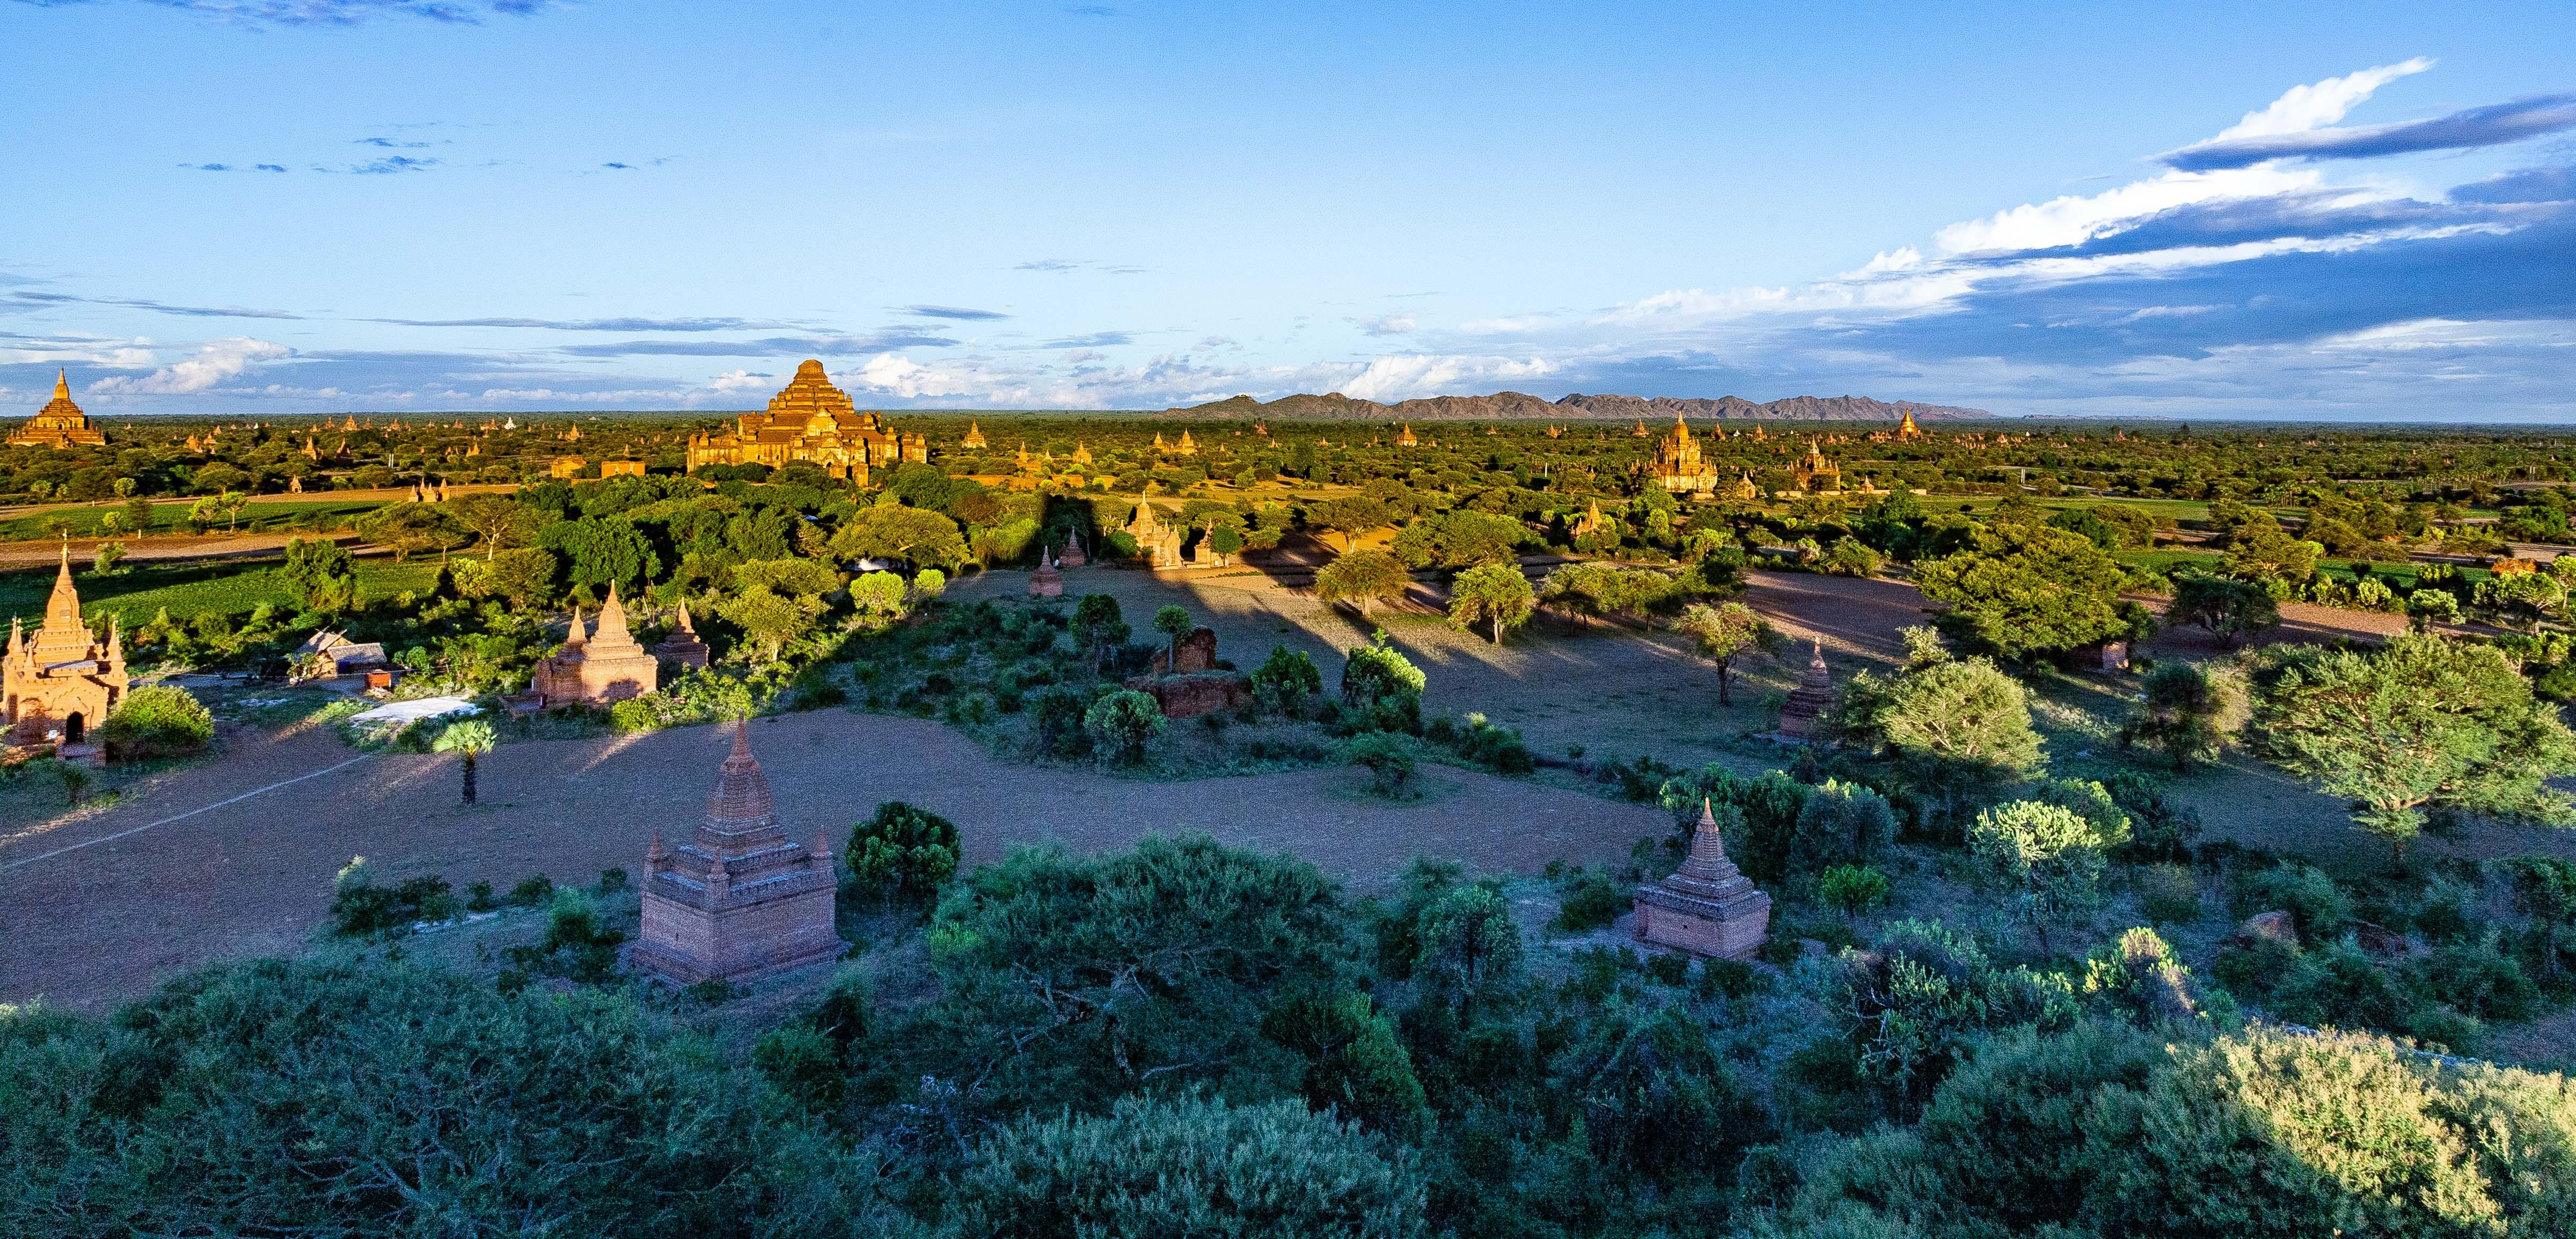 Myanmar, Mandalay Prov, Bagan Temples, 2009, IMG 5044